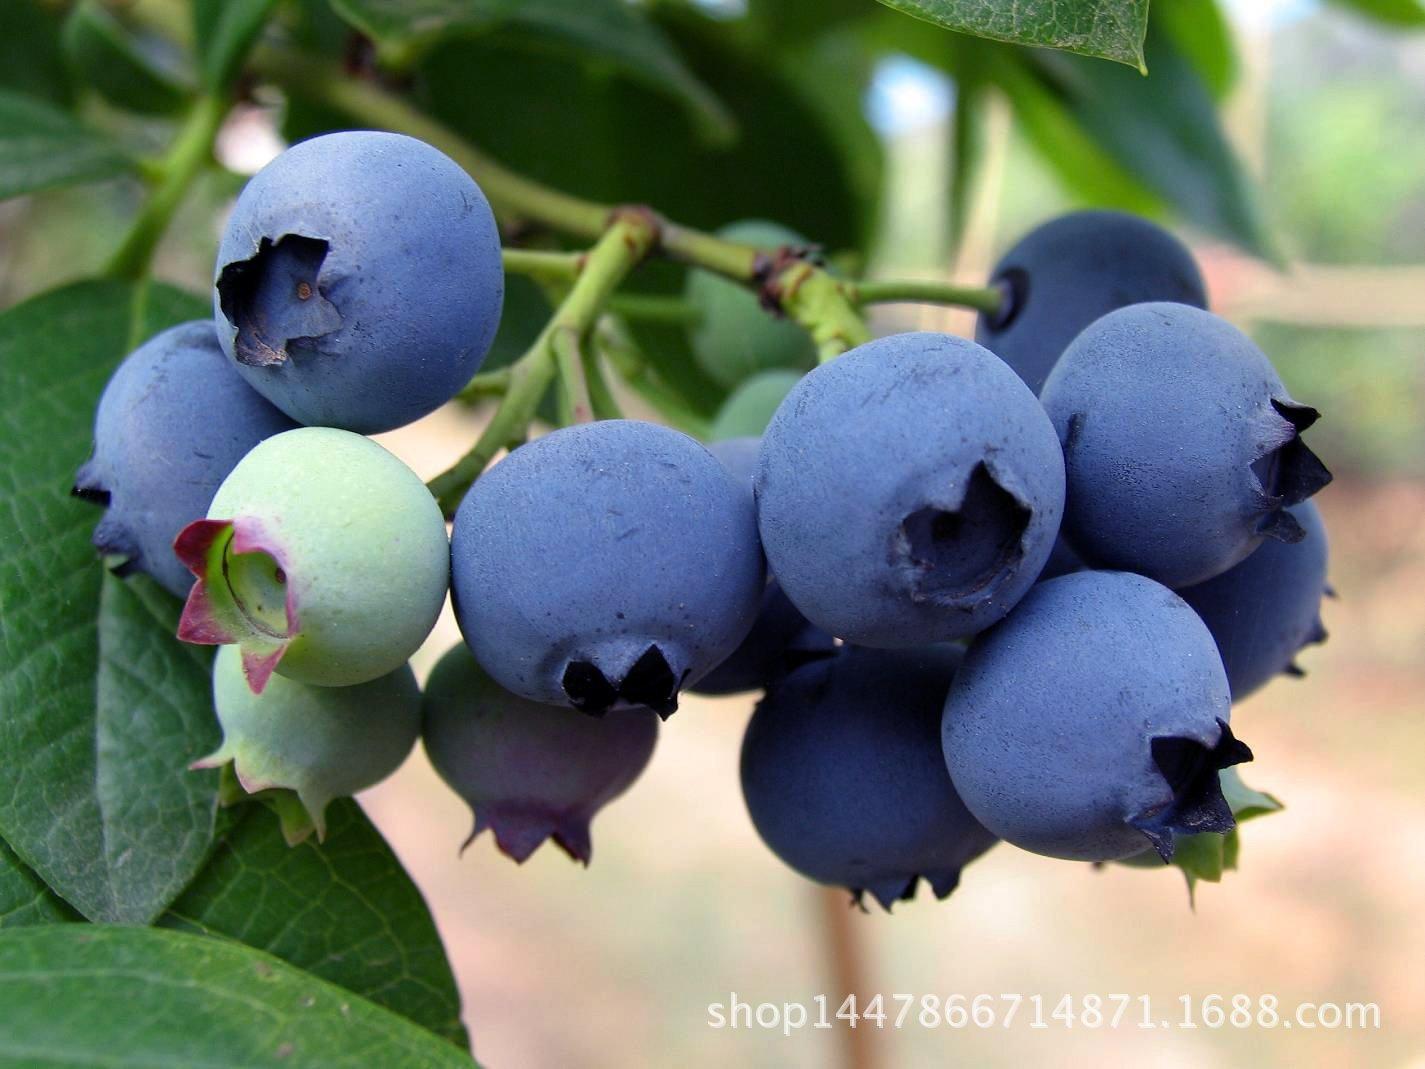 康维尔蓝莓 晚熟蓝莓 蓝莓价格 晚熟蓝莓价格 晚